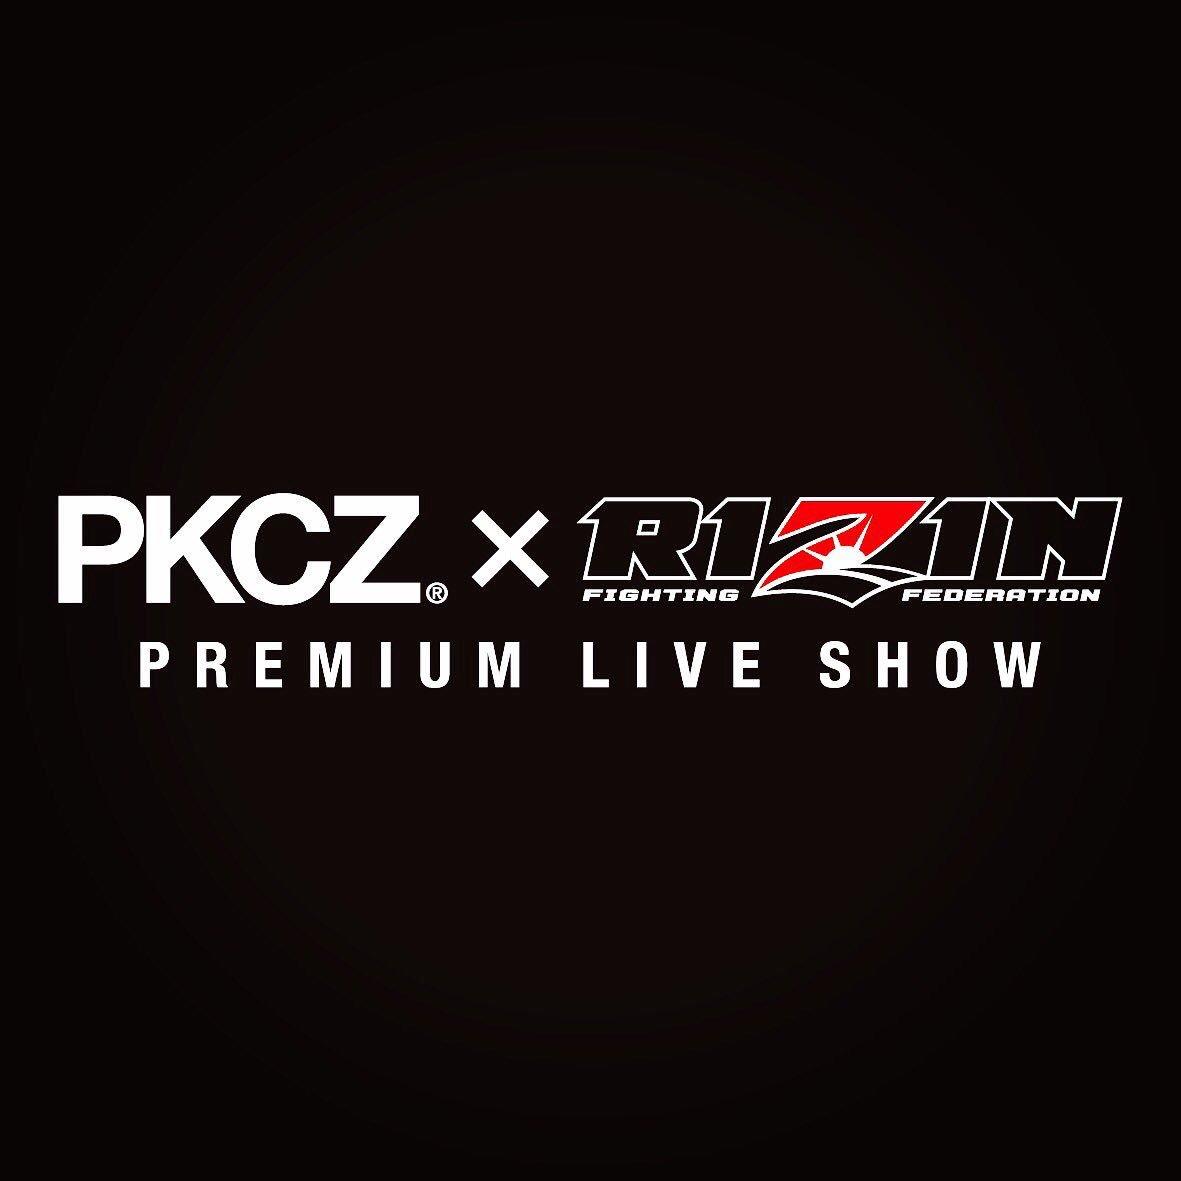 『PKCZ®︎×RIZIN PREMIUM LIVE SHOW』 【出演】 PKCZ®、AKLO、A…